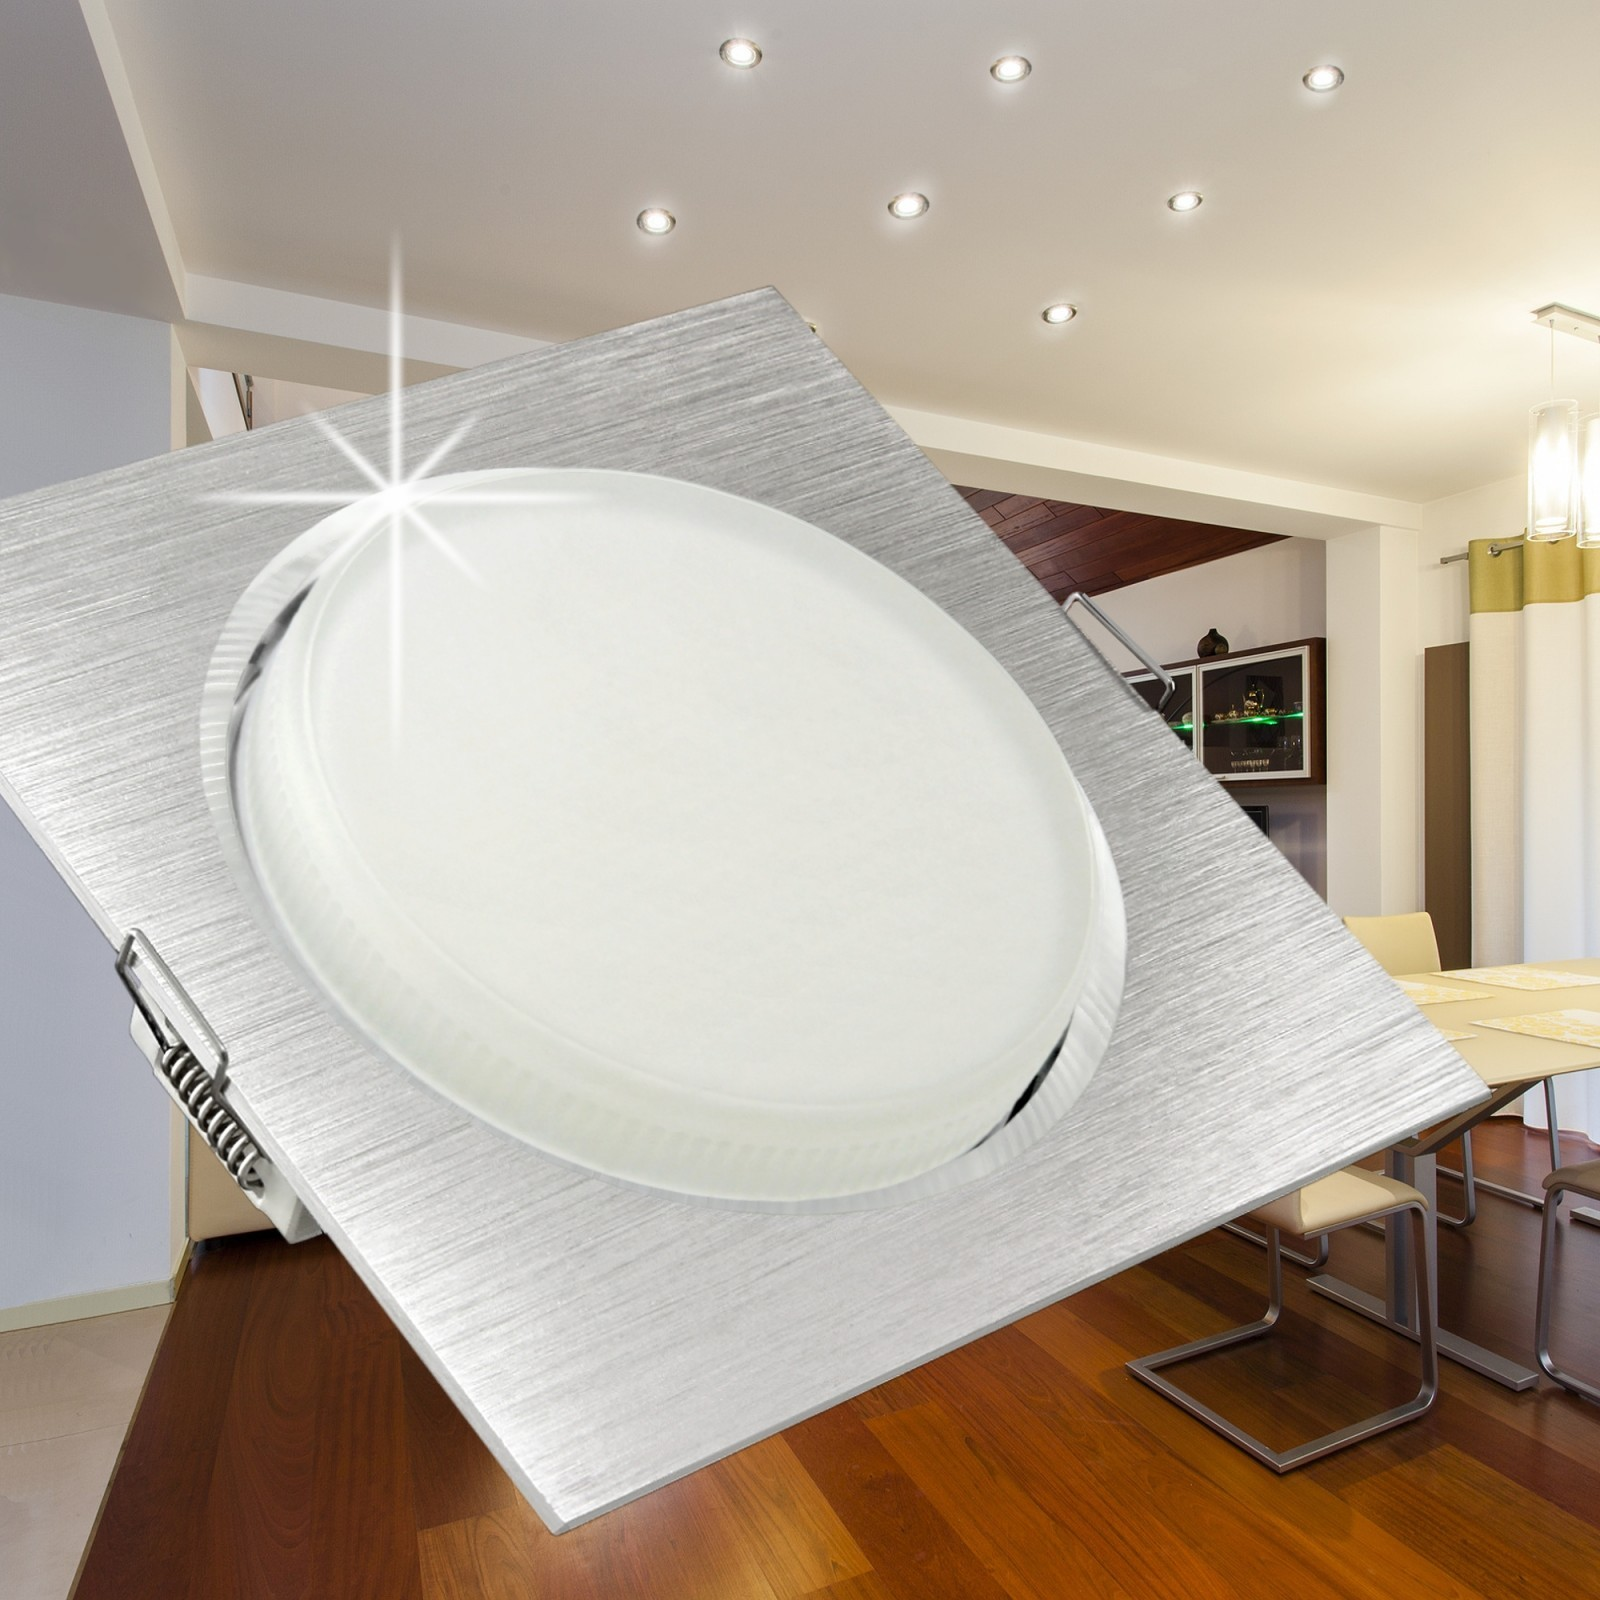 RX-3 / RX-4 flache LED-Einbauleuchten Einbaustrahler Spots ...